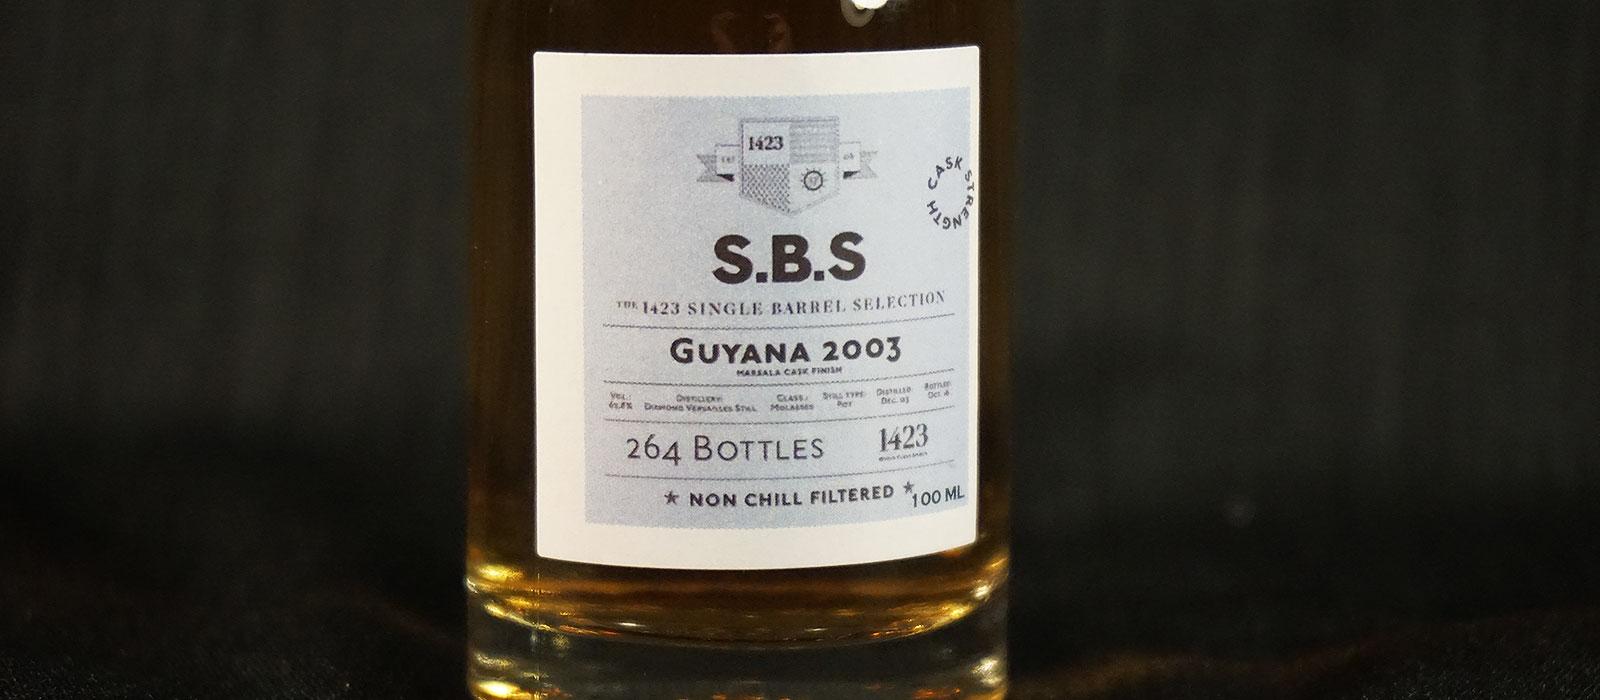 Åttonde plats 2017: 1423 SBS Guyana 2003